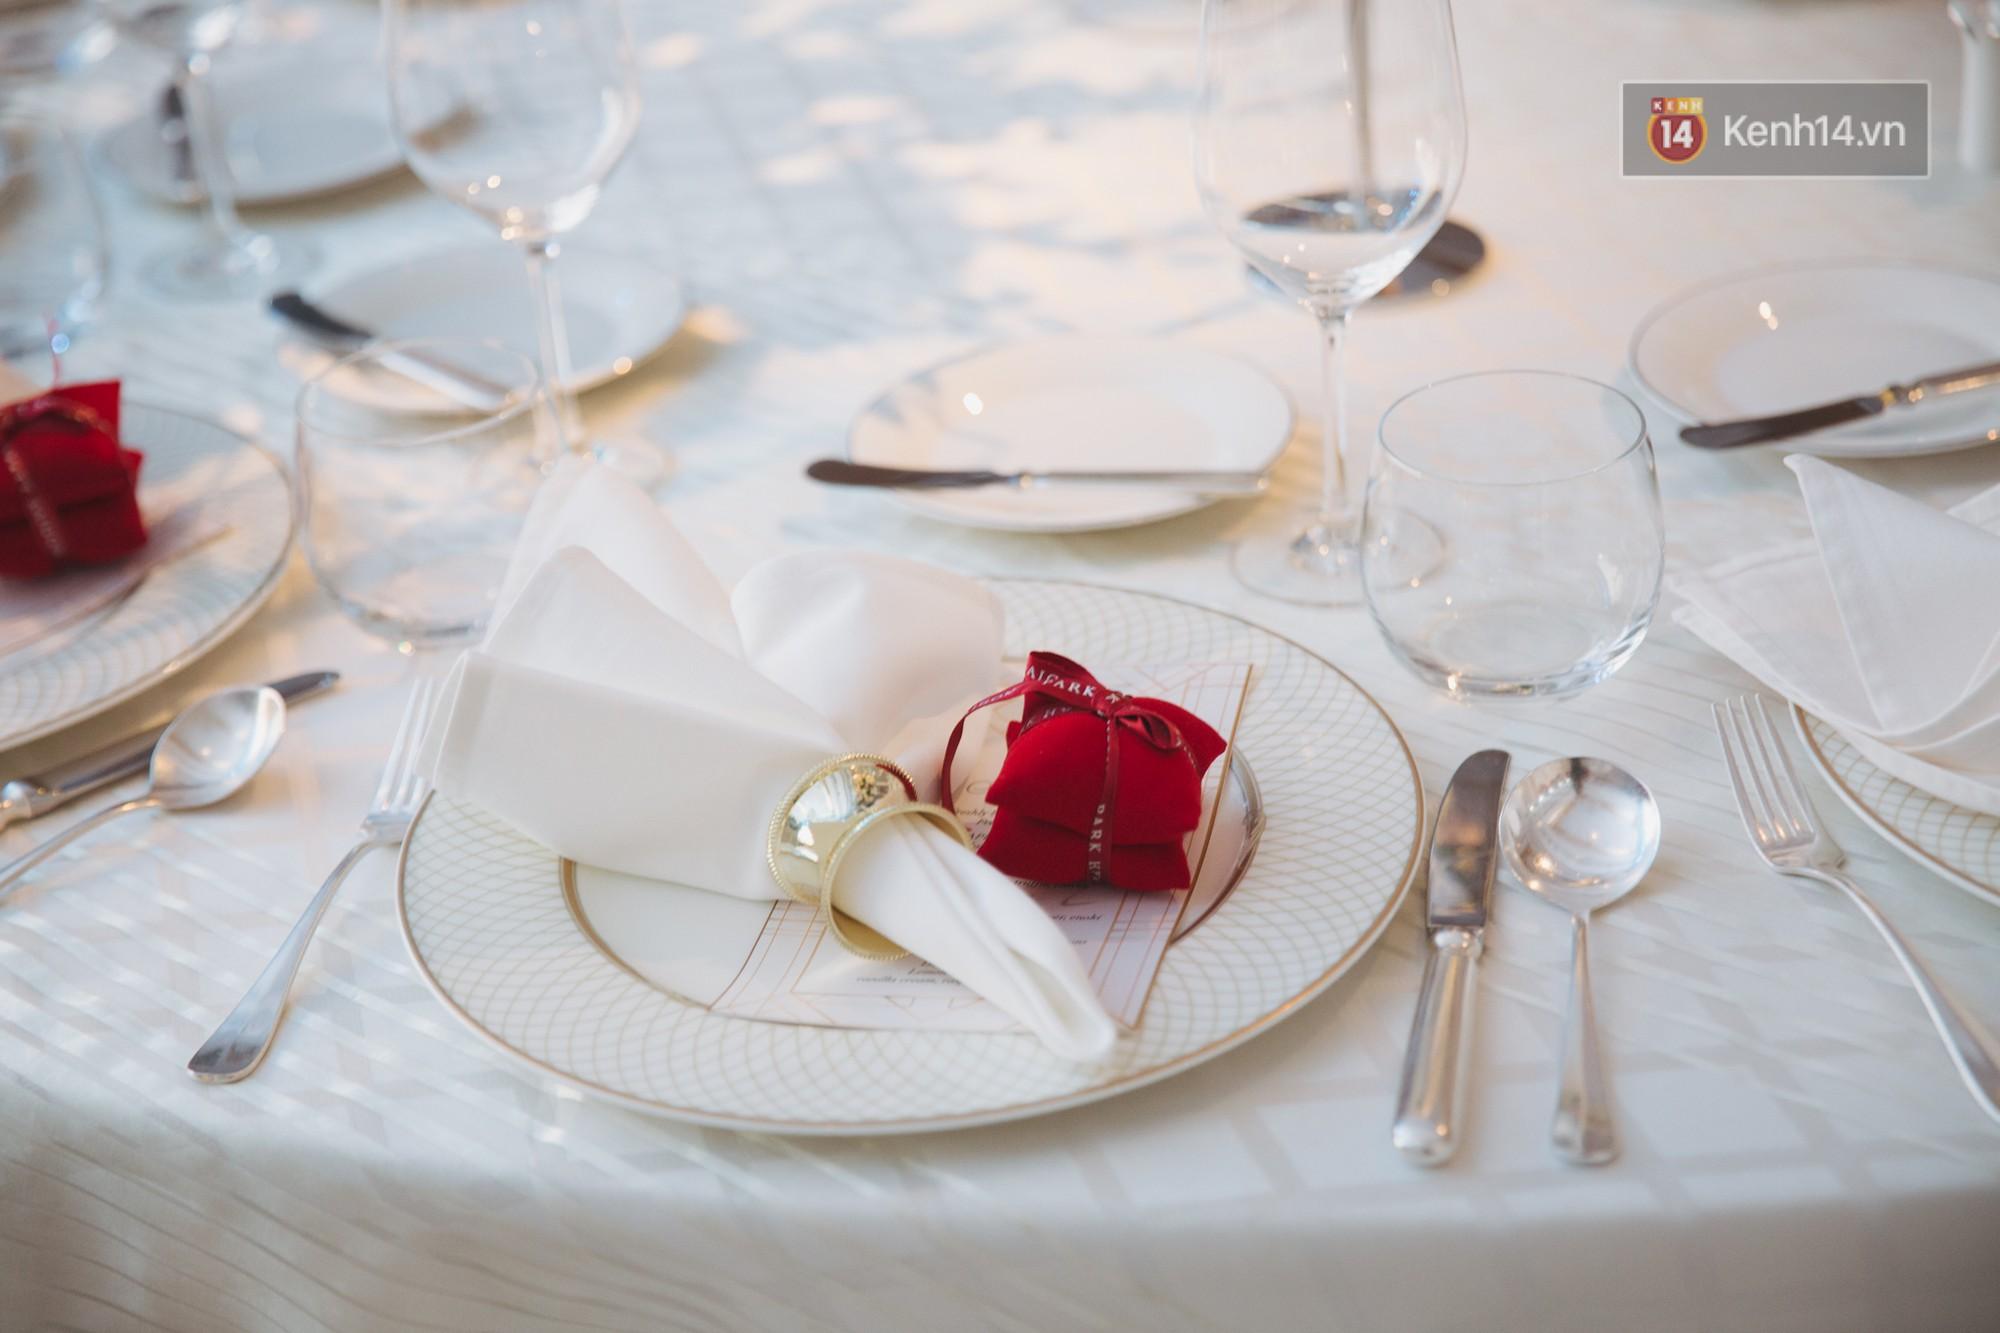 Dù rất hồi hộp, Lê Hiếu vẫn kịp nhắn đến bà xã lời hứa ngọt ngào trong đám cưới-18